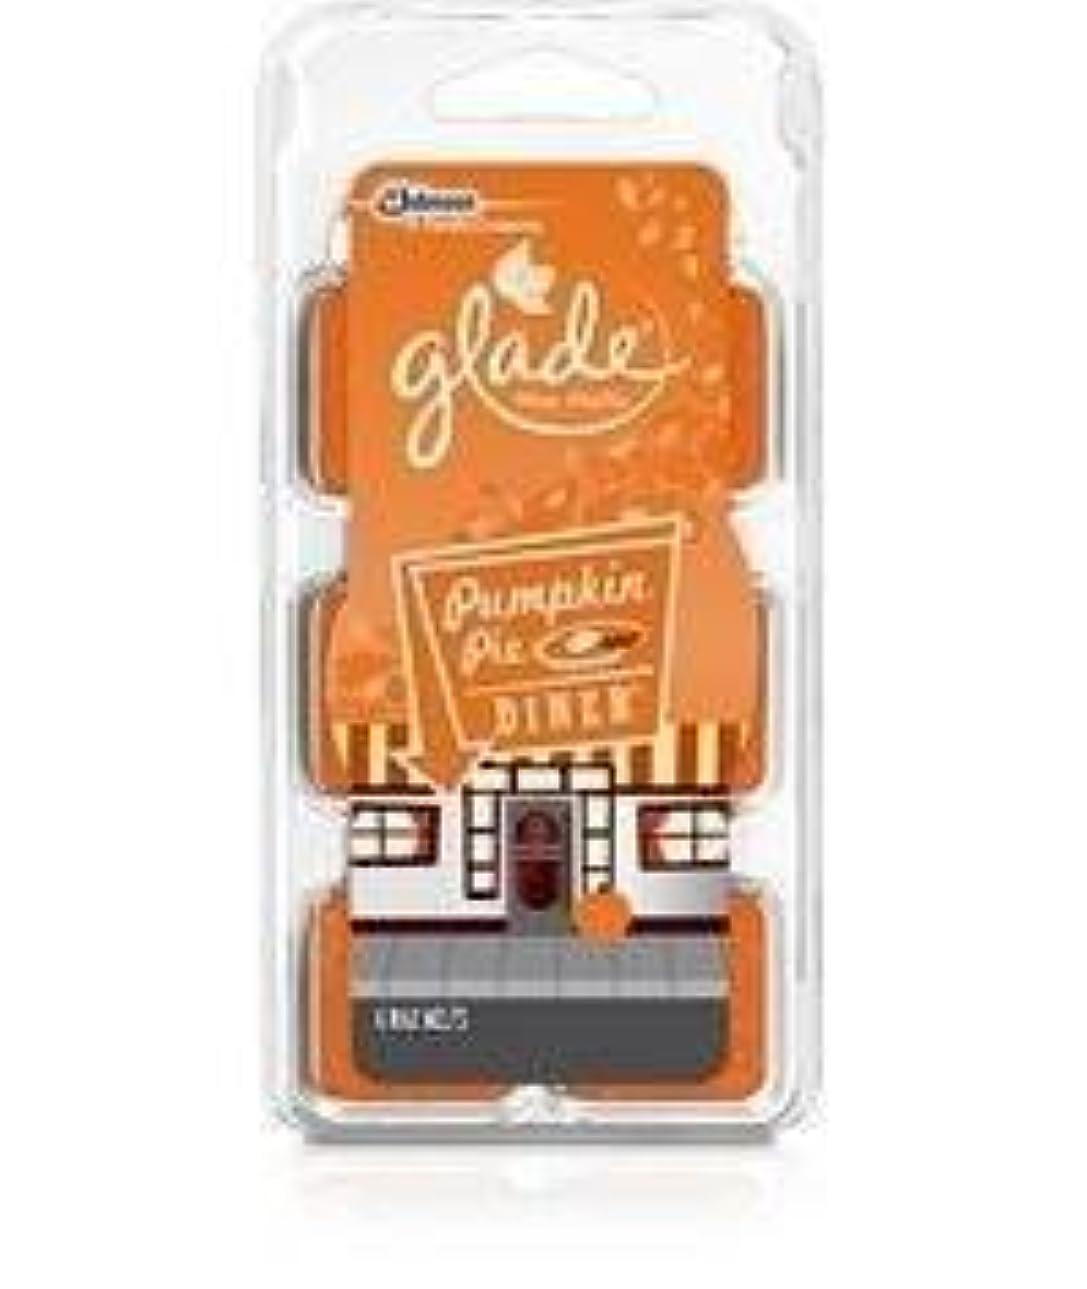 気取らないとまり木災害GladeワックスMelts – Limited Edition冬コレクションfor the Holidays ( 3、パンプキンパイDiner ) by SCジョンソン